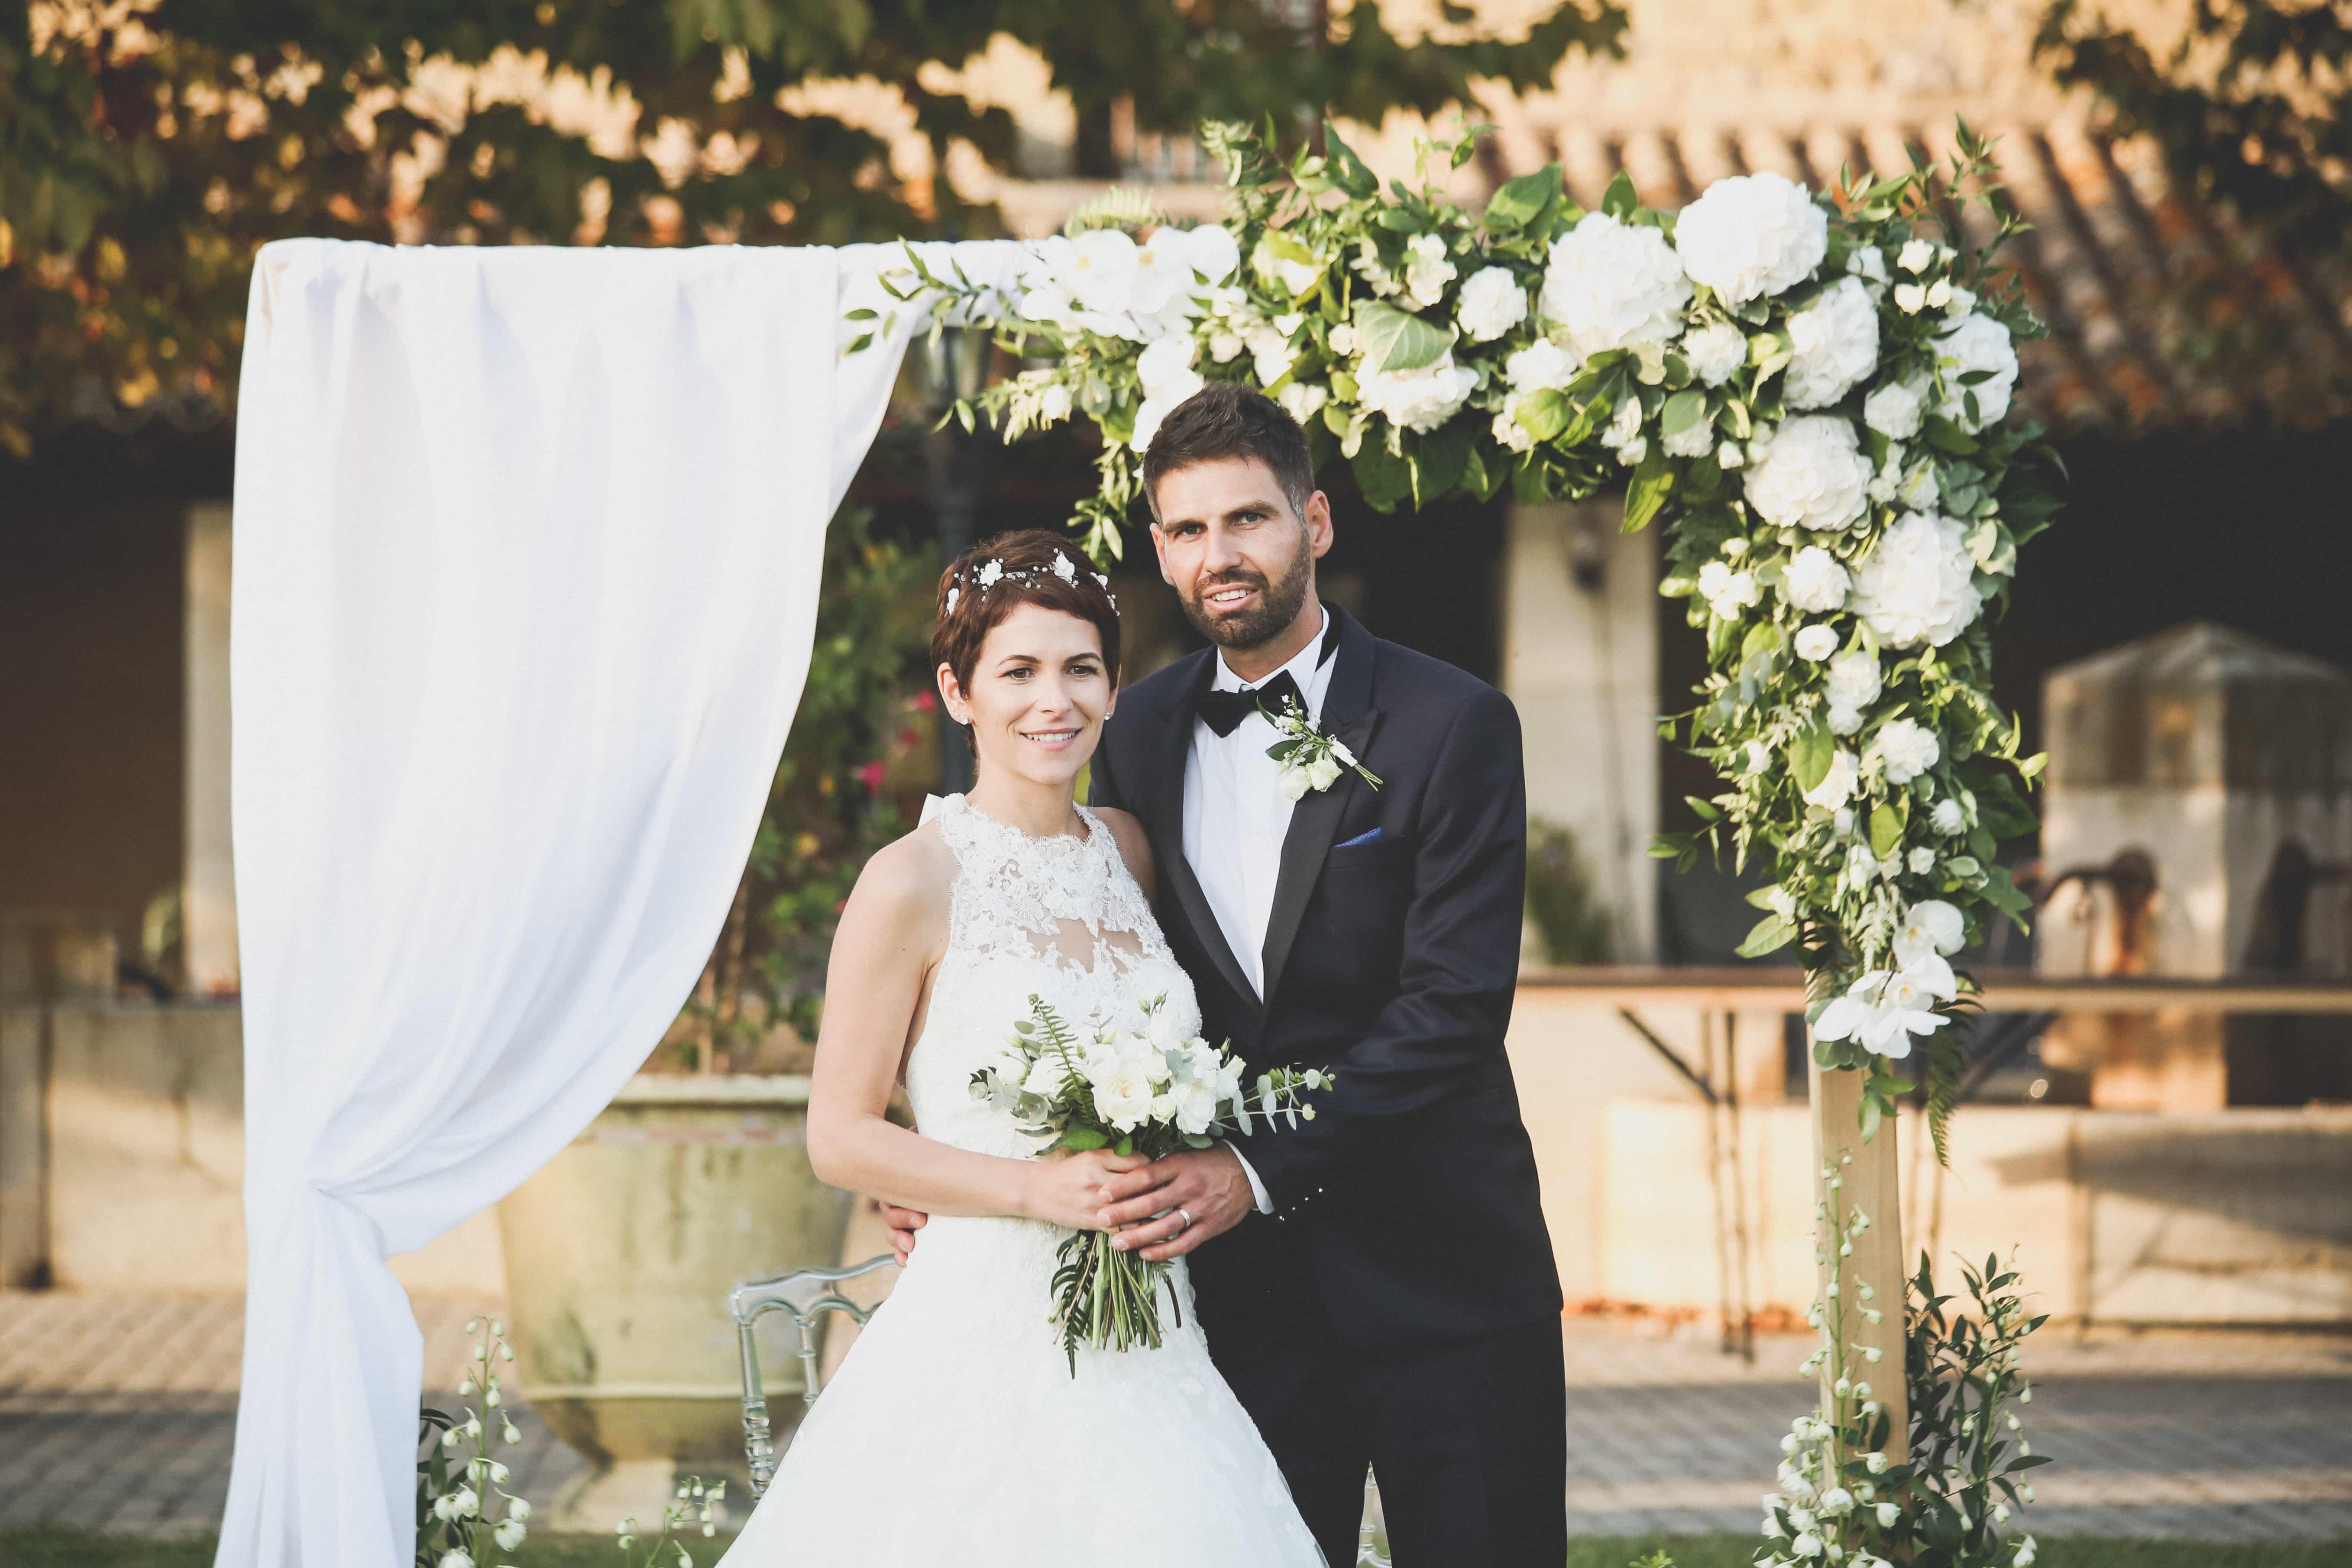 Mission Mariage M6 : Marie wedding planner de Christelle et Romain